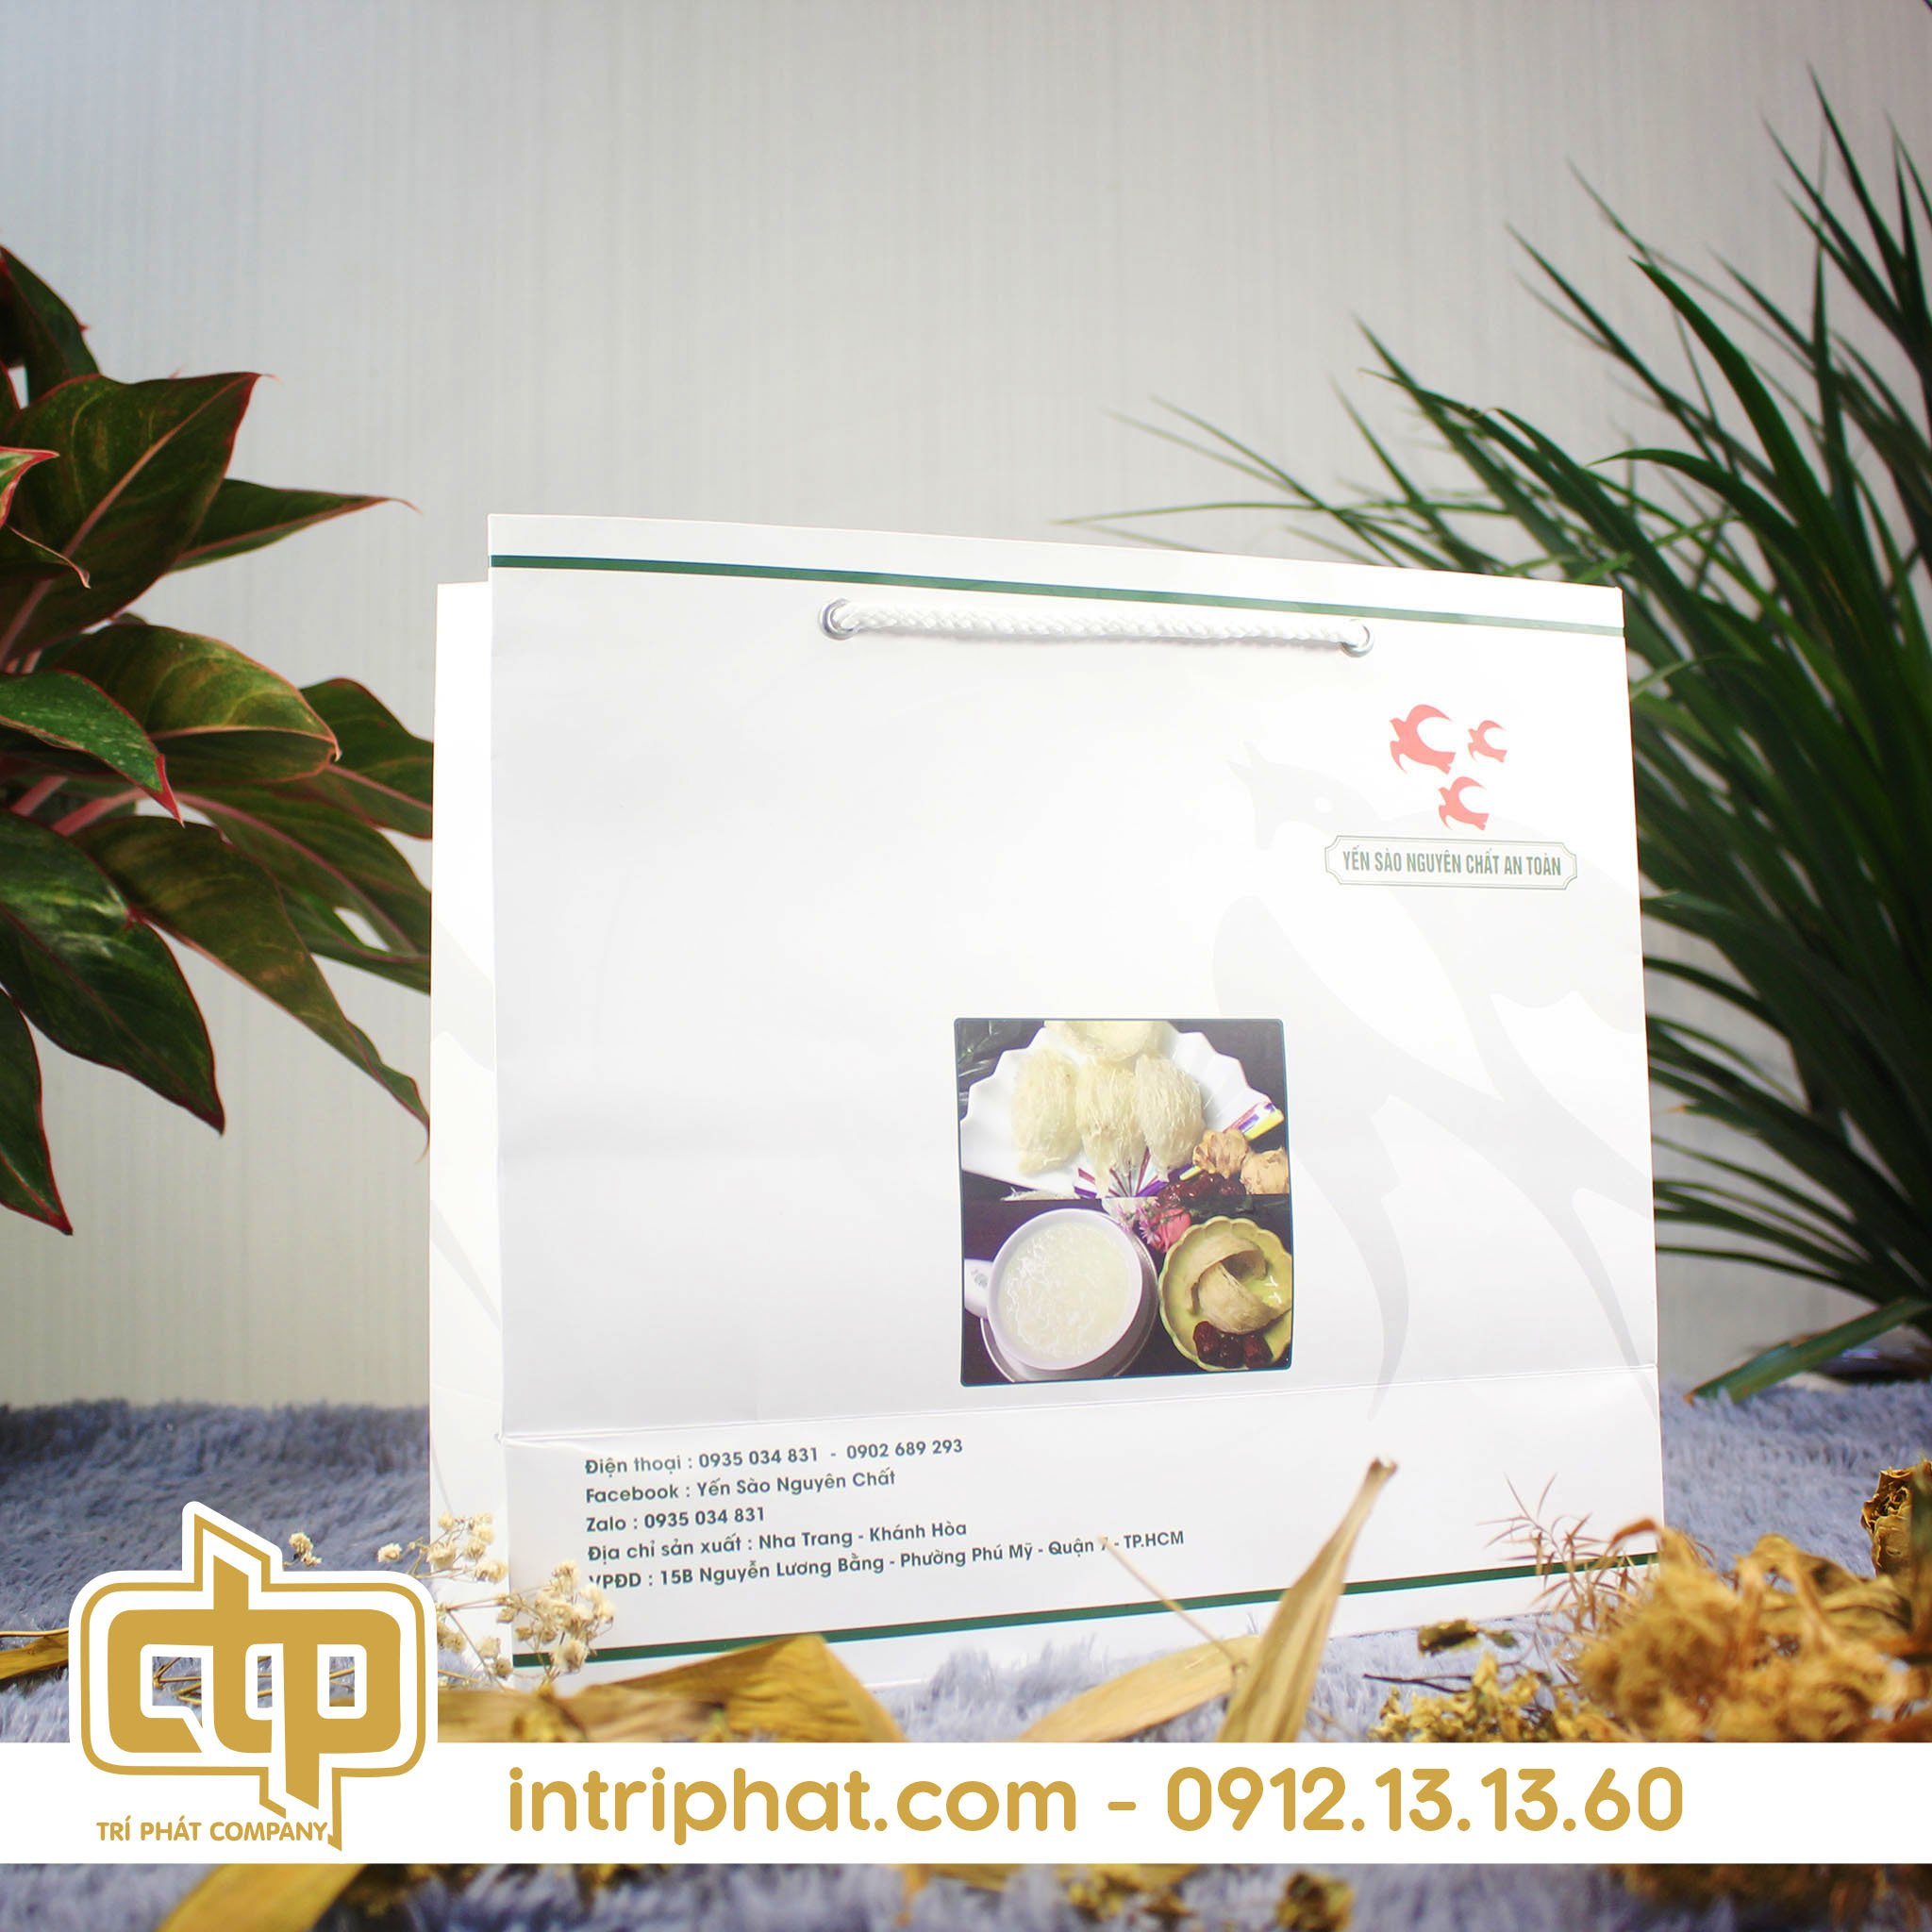 túi giấy thực phẩm giá rẻ tại tphcm